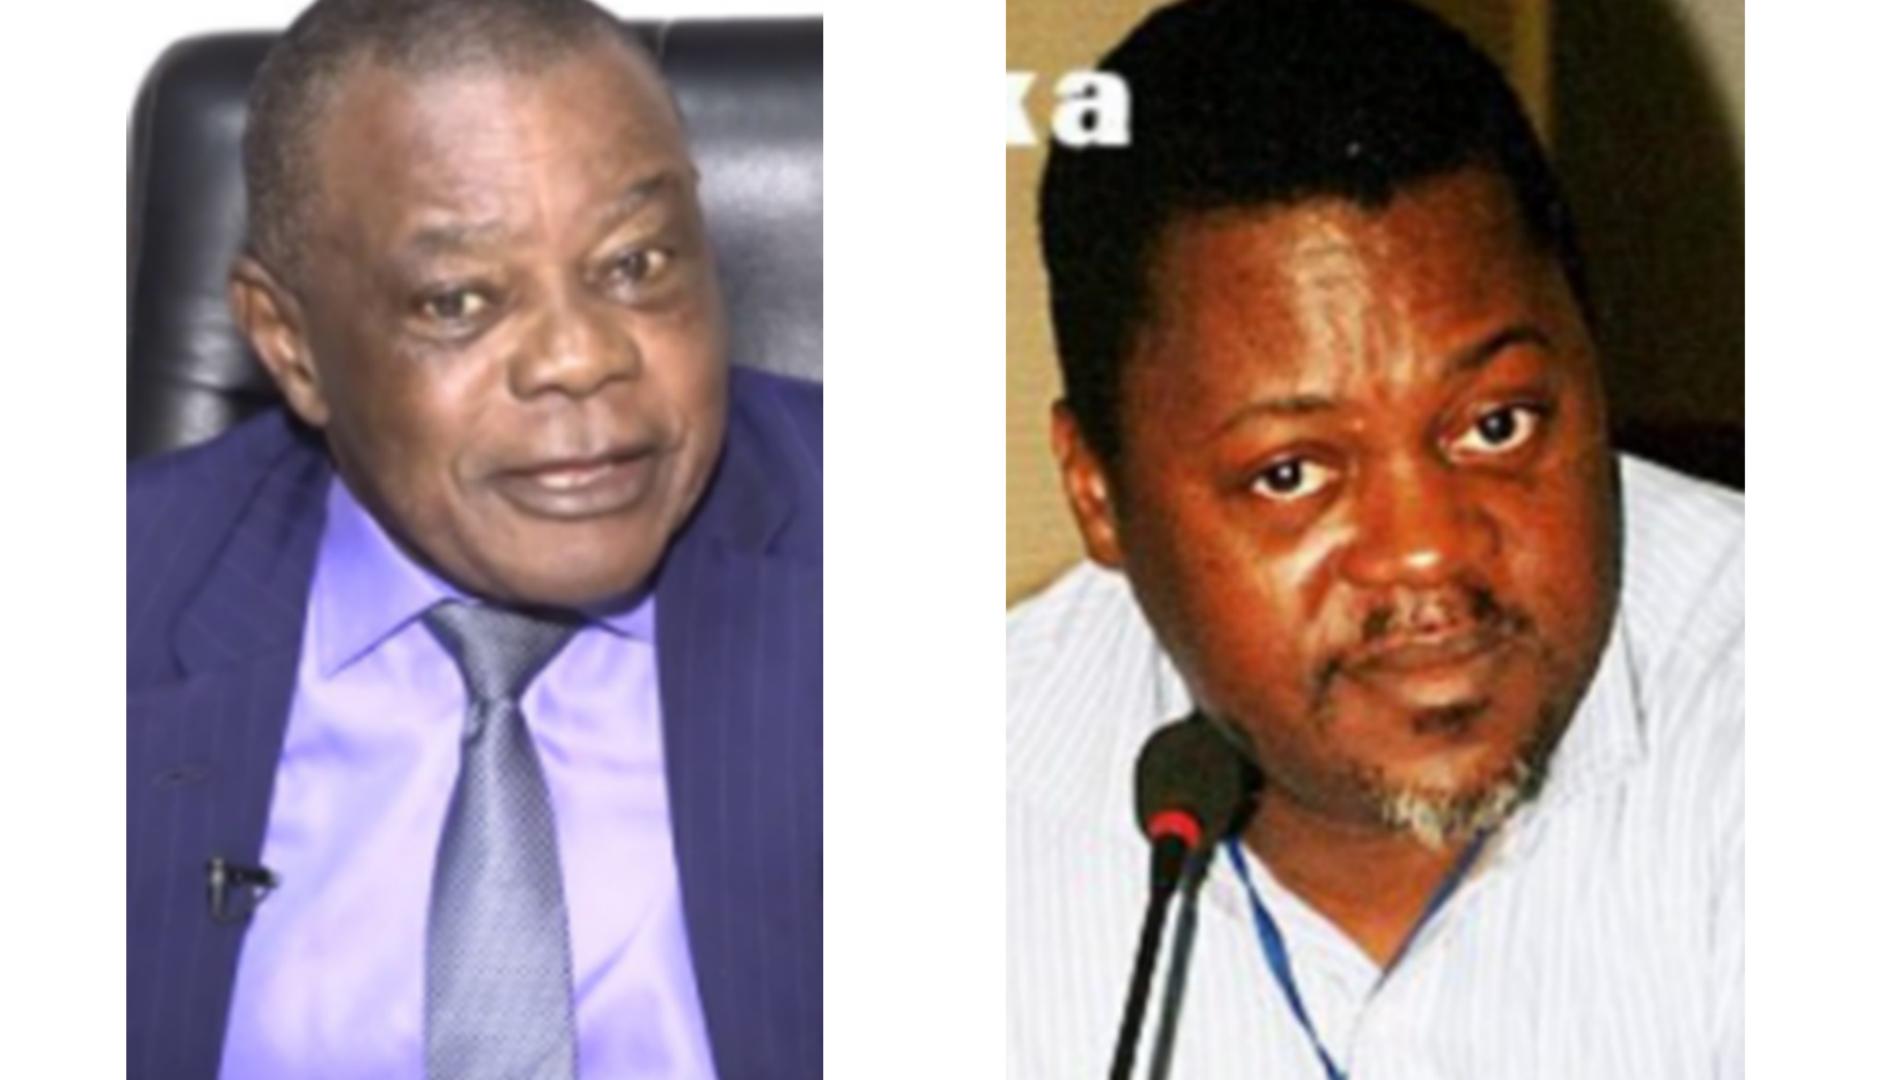 Le CNC met en demeure la radio de Roméo Dika après des attaques sur le RDPC et Paul Biya